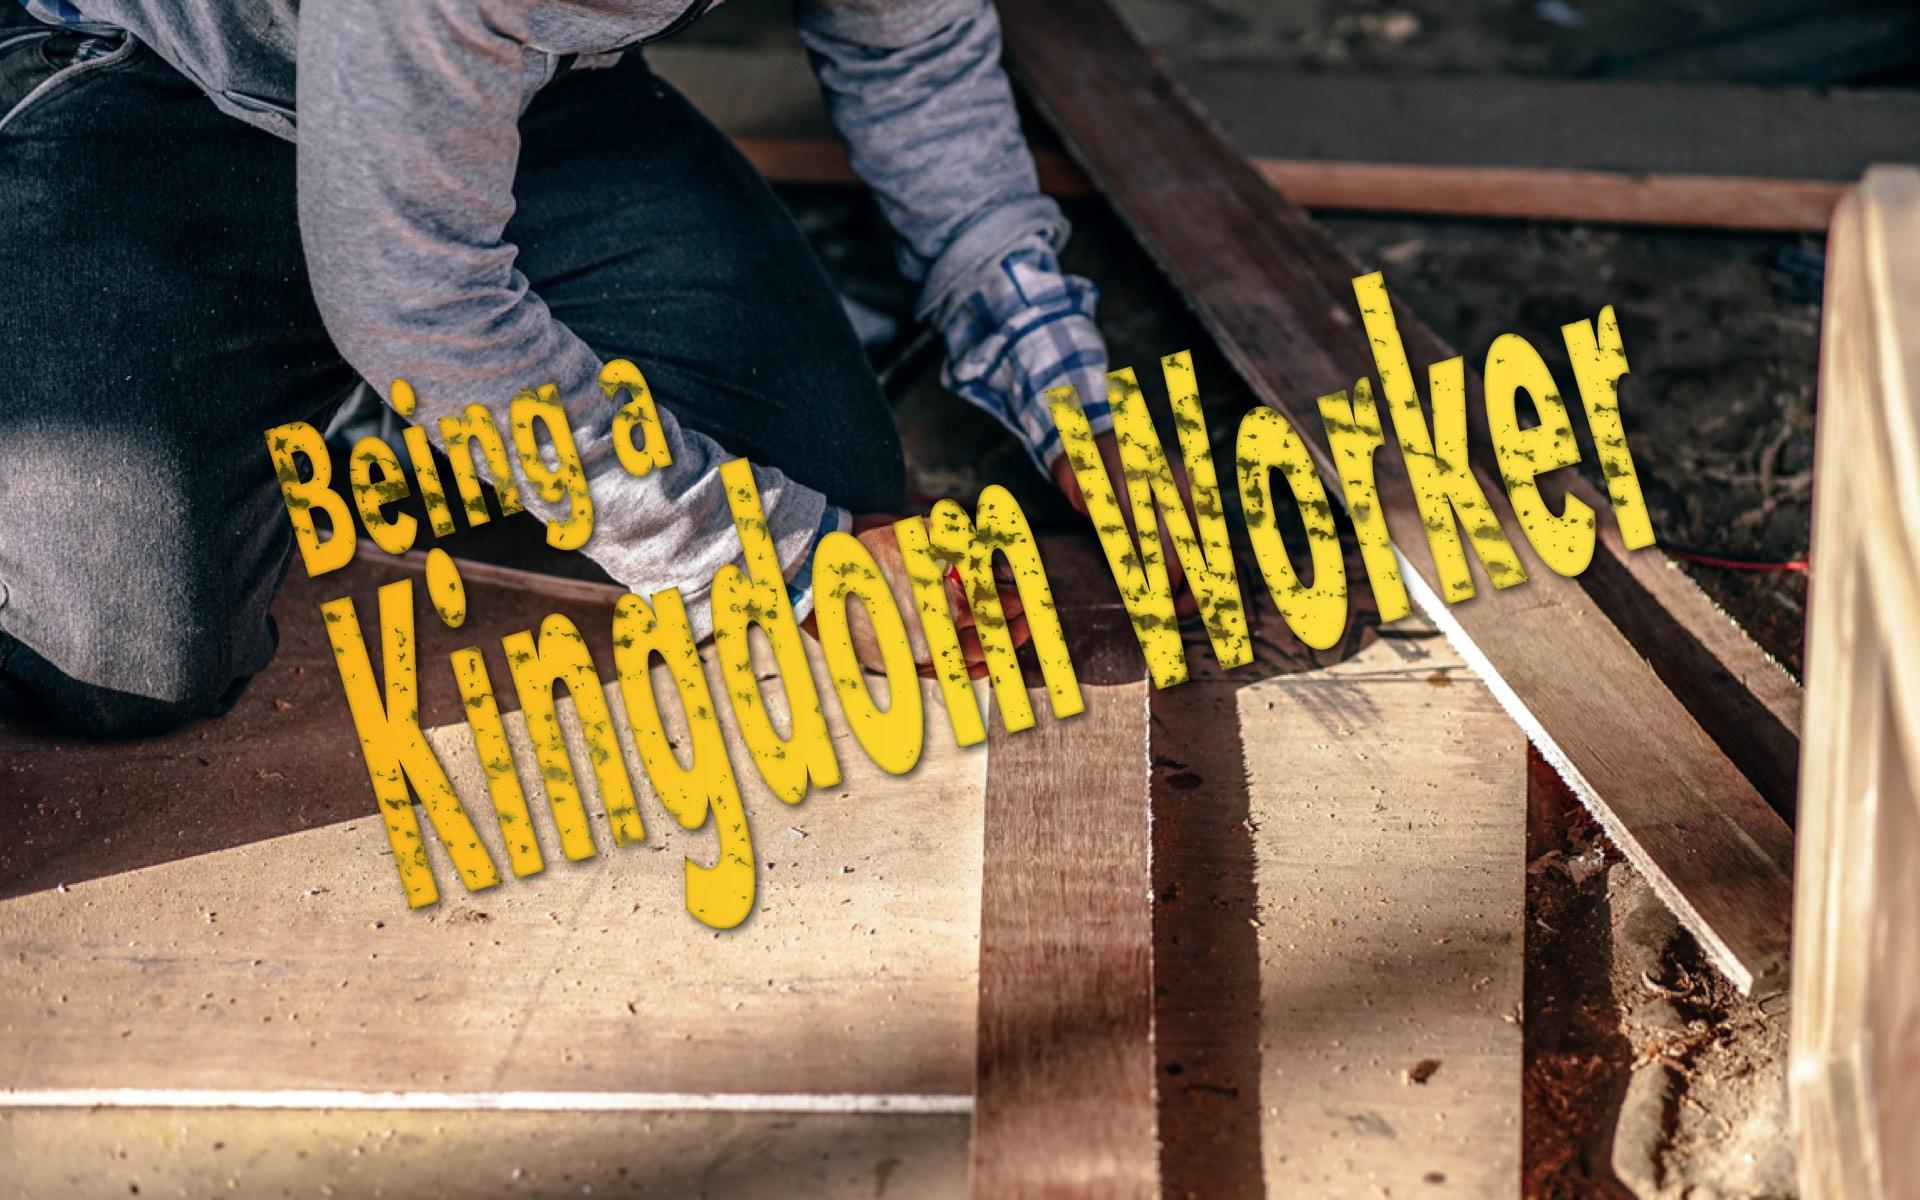 Being a Kingdom Worker